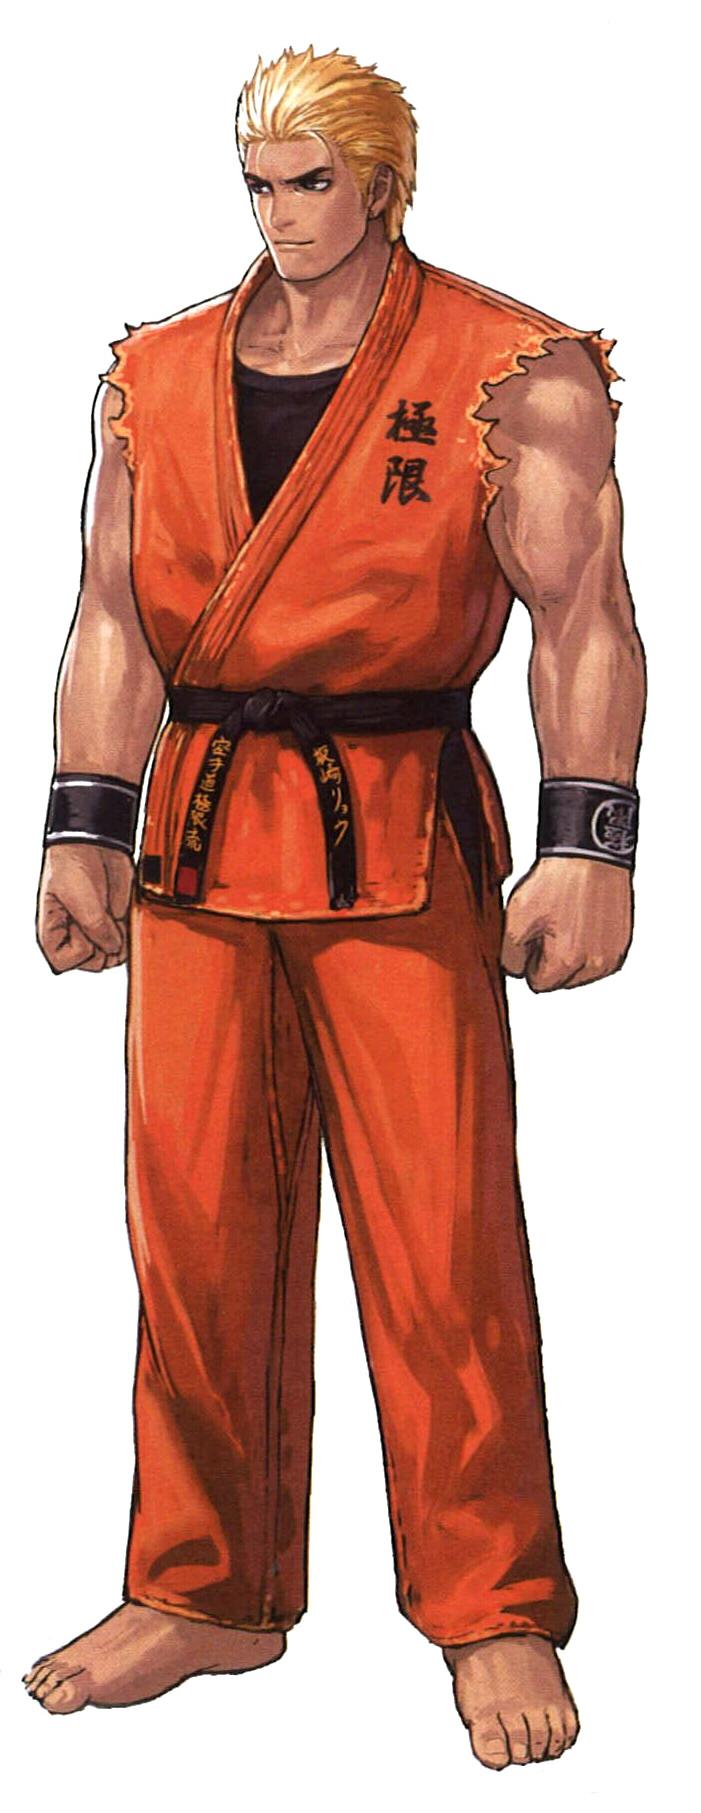 Ryo Sakazaki